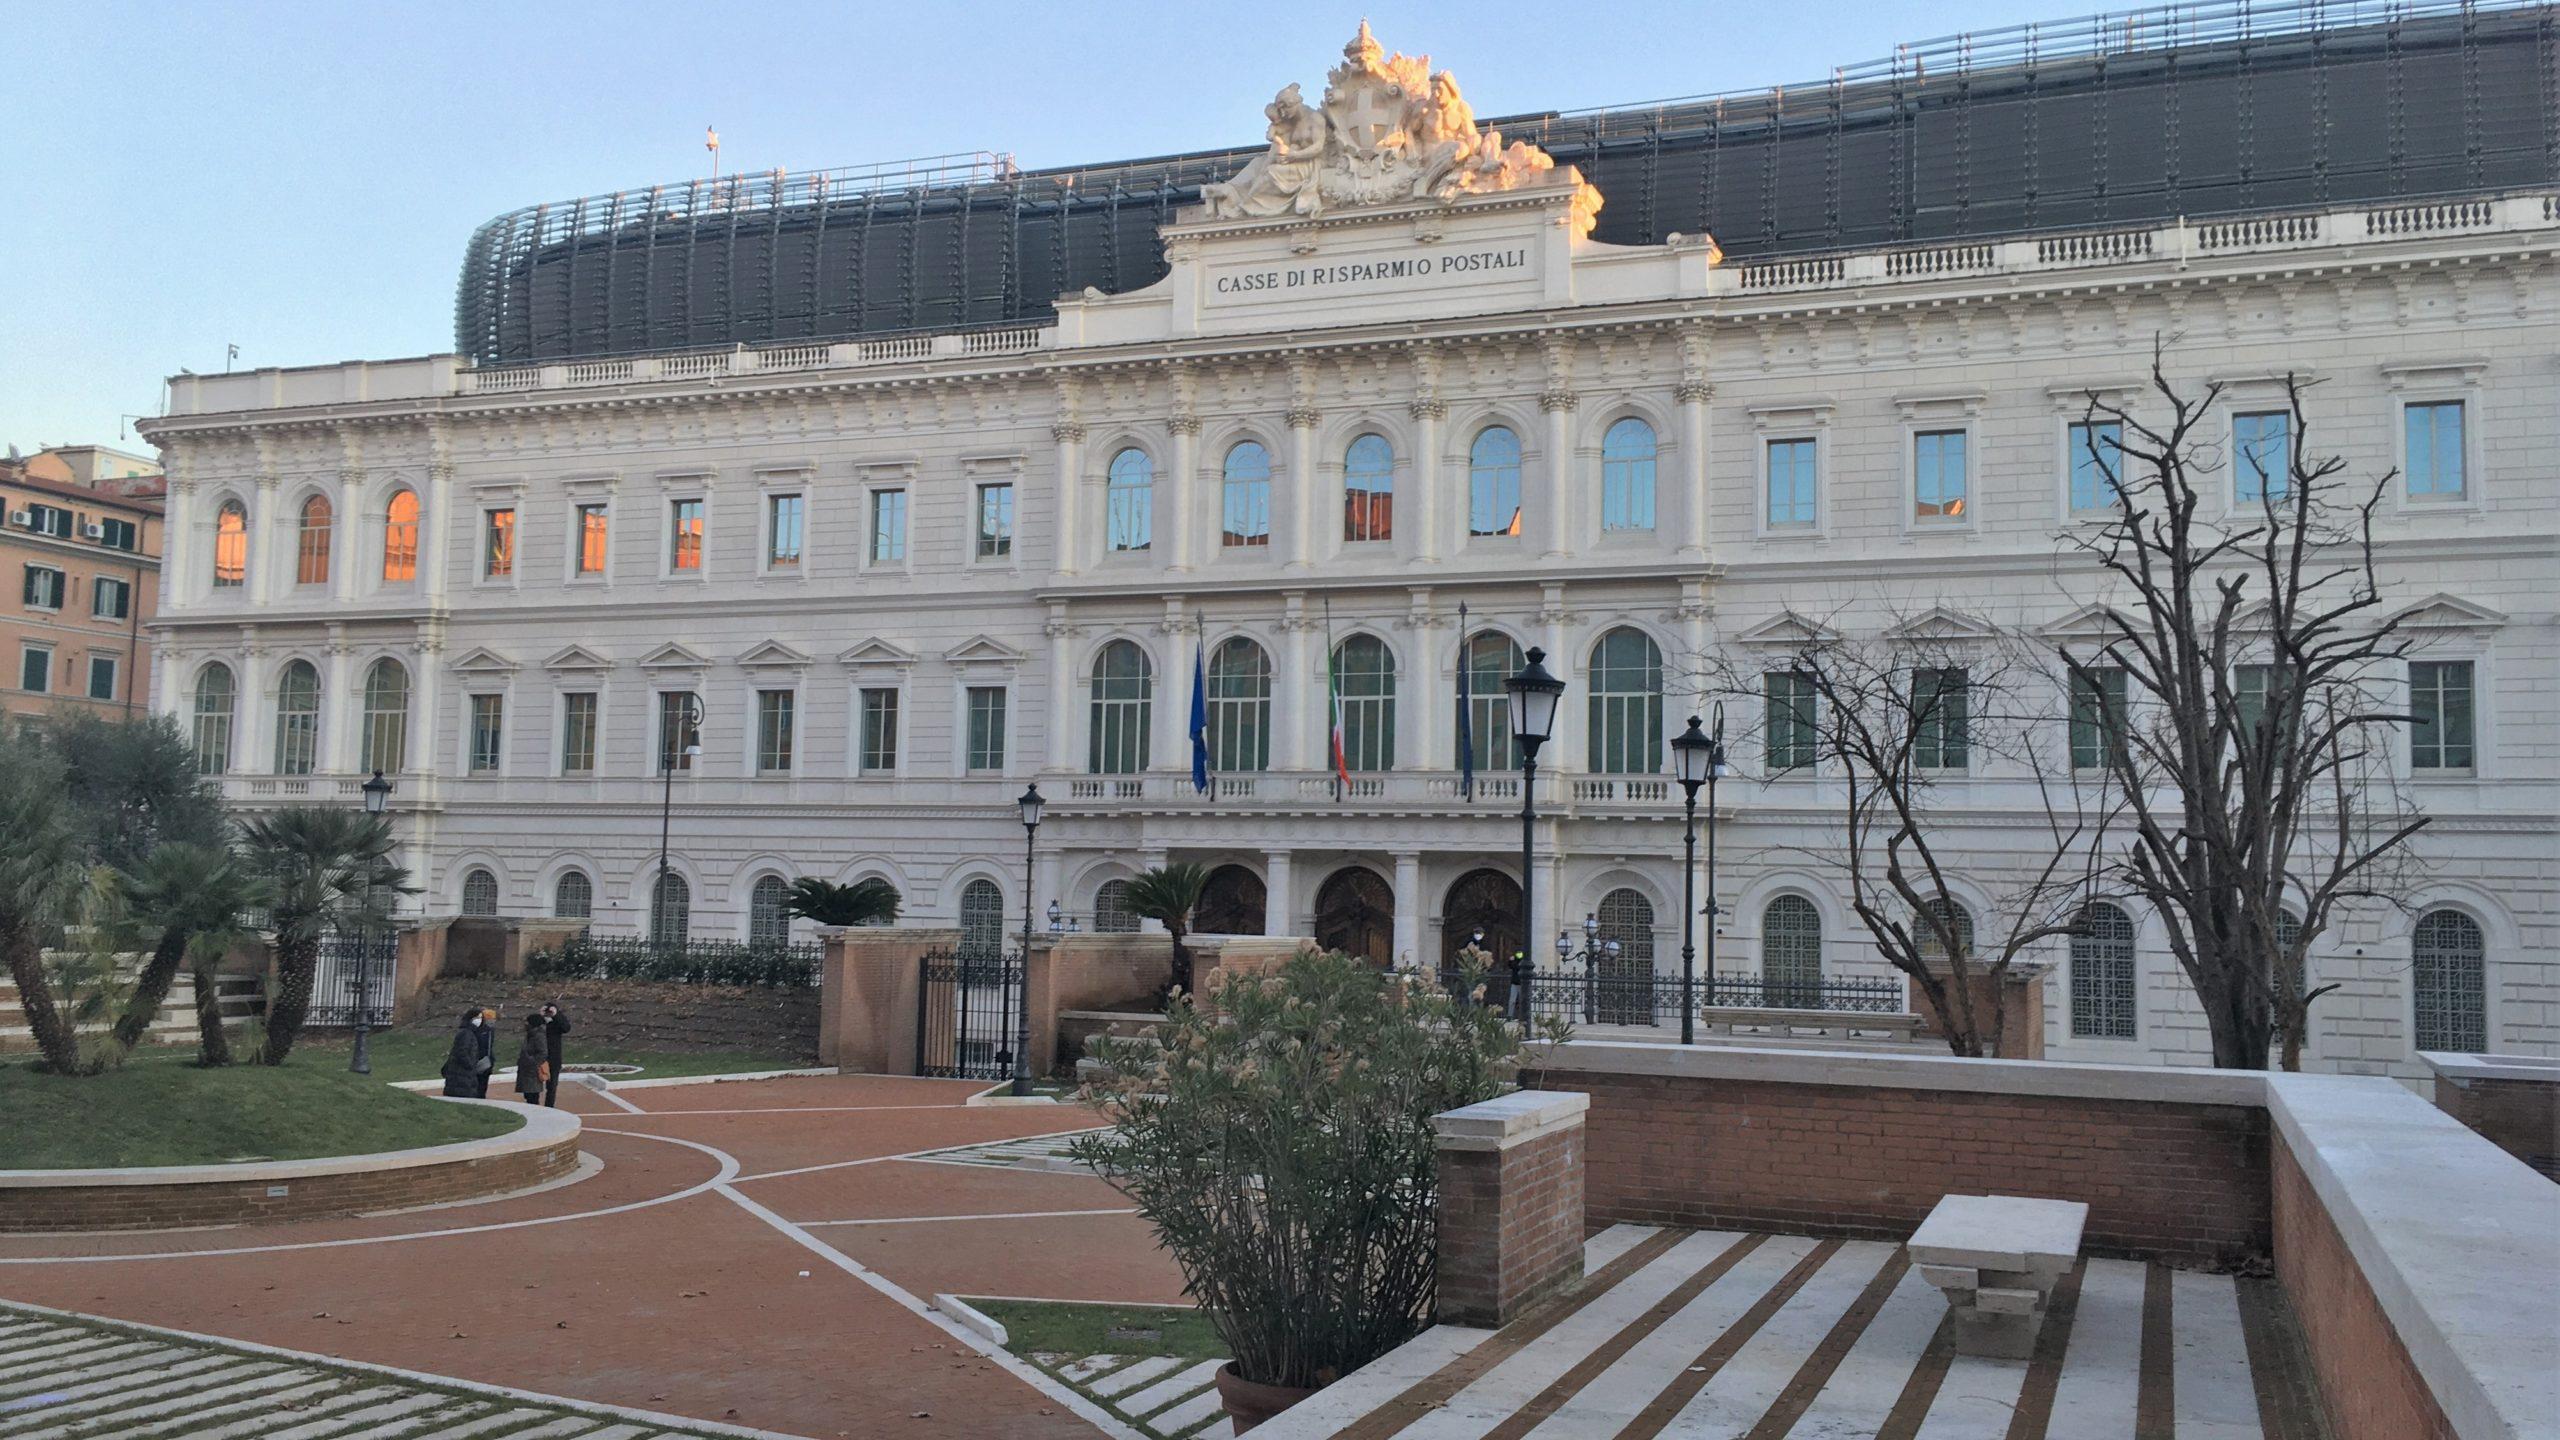 Giardini Di Piazza Dante: Finalmente La Riapertura!